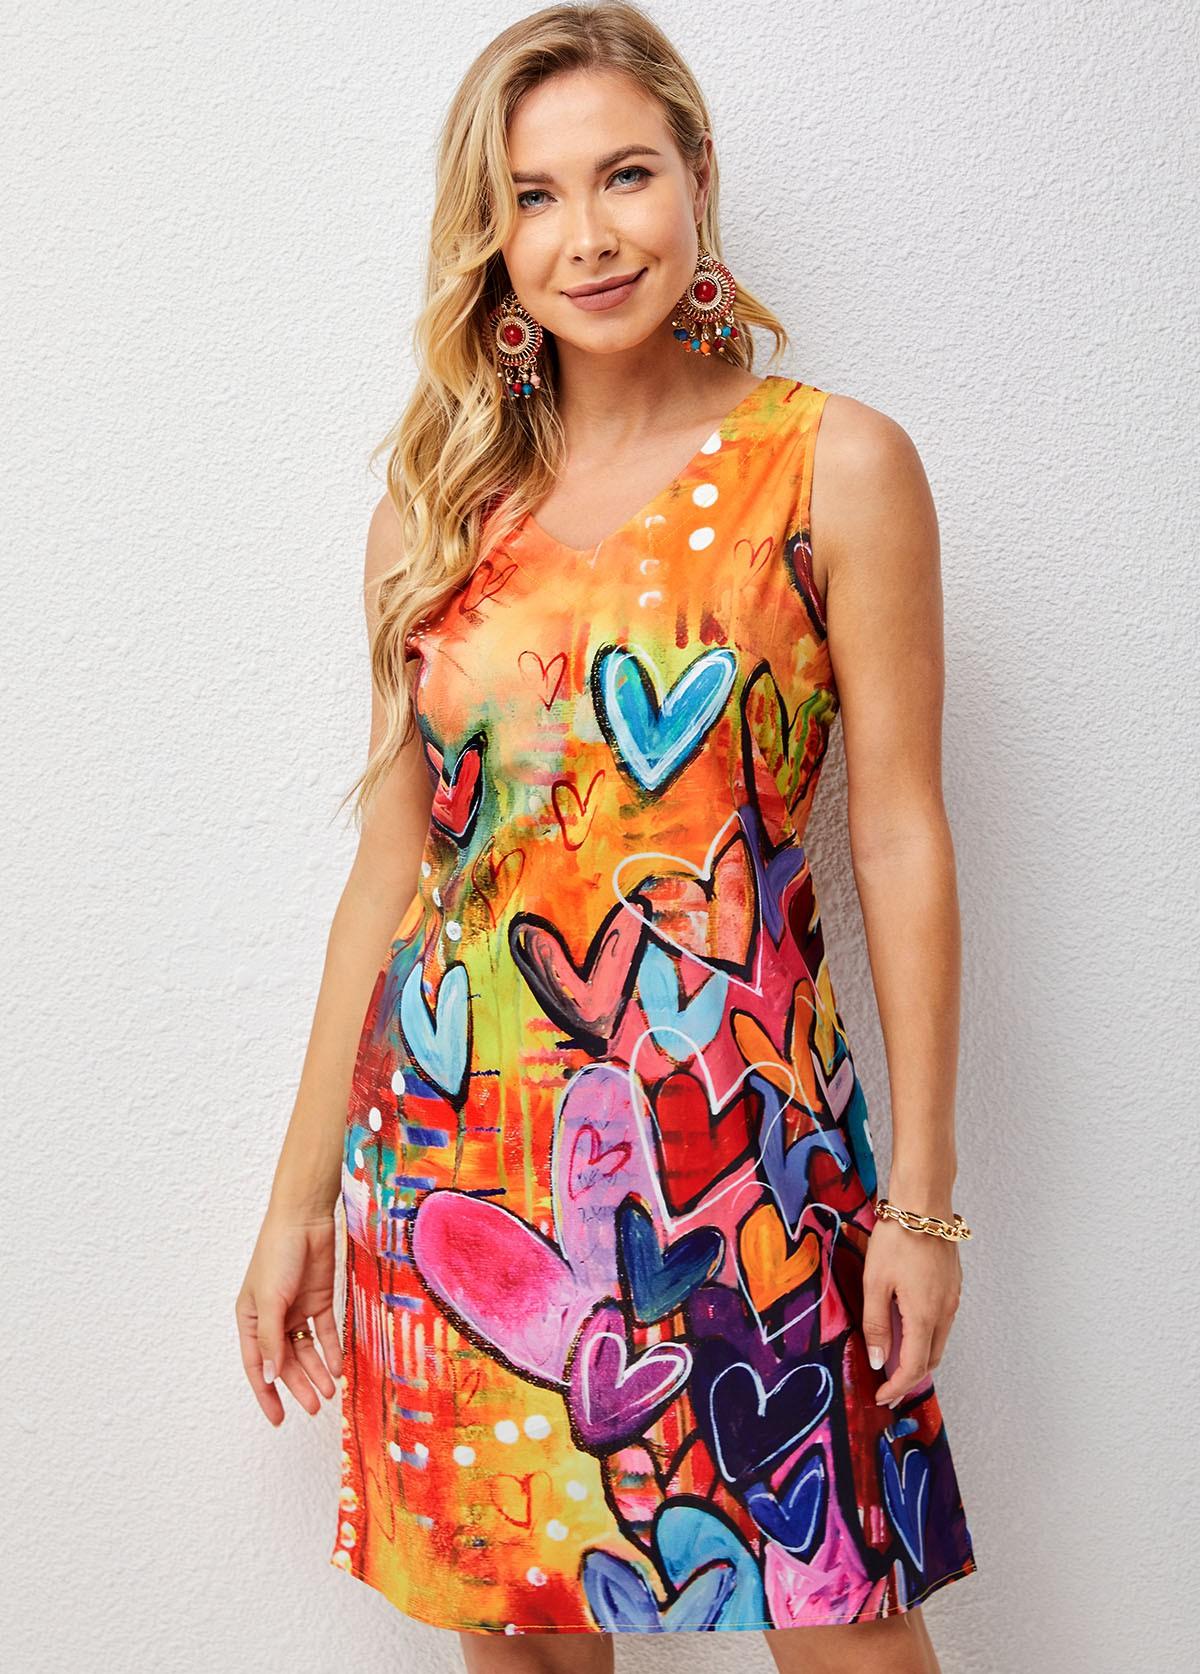 V Neck Sleeveless Heart Print Dress